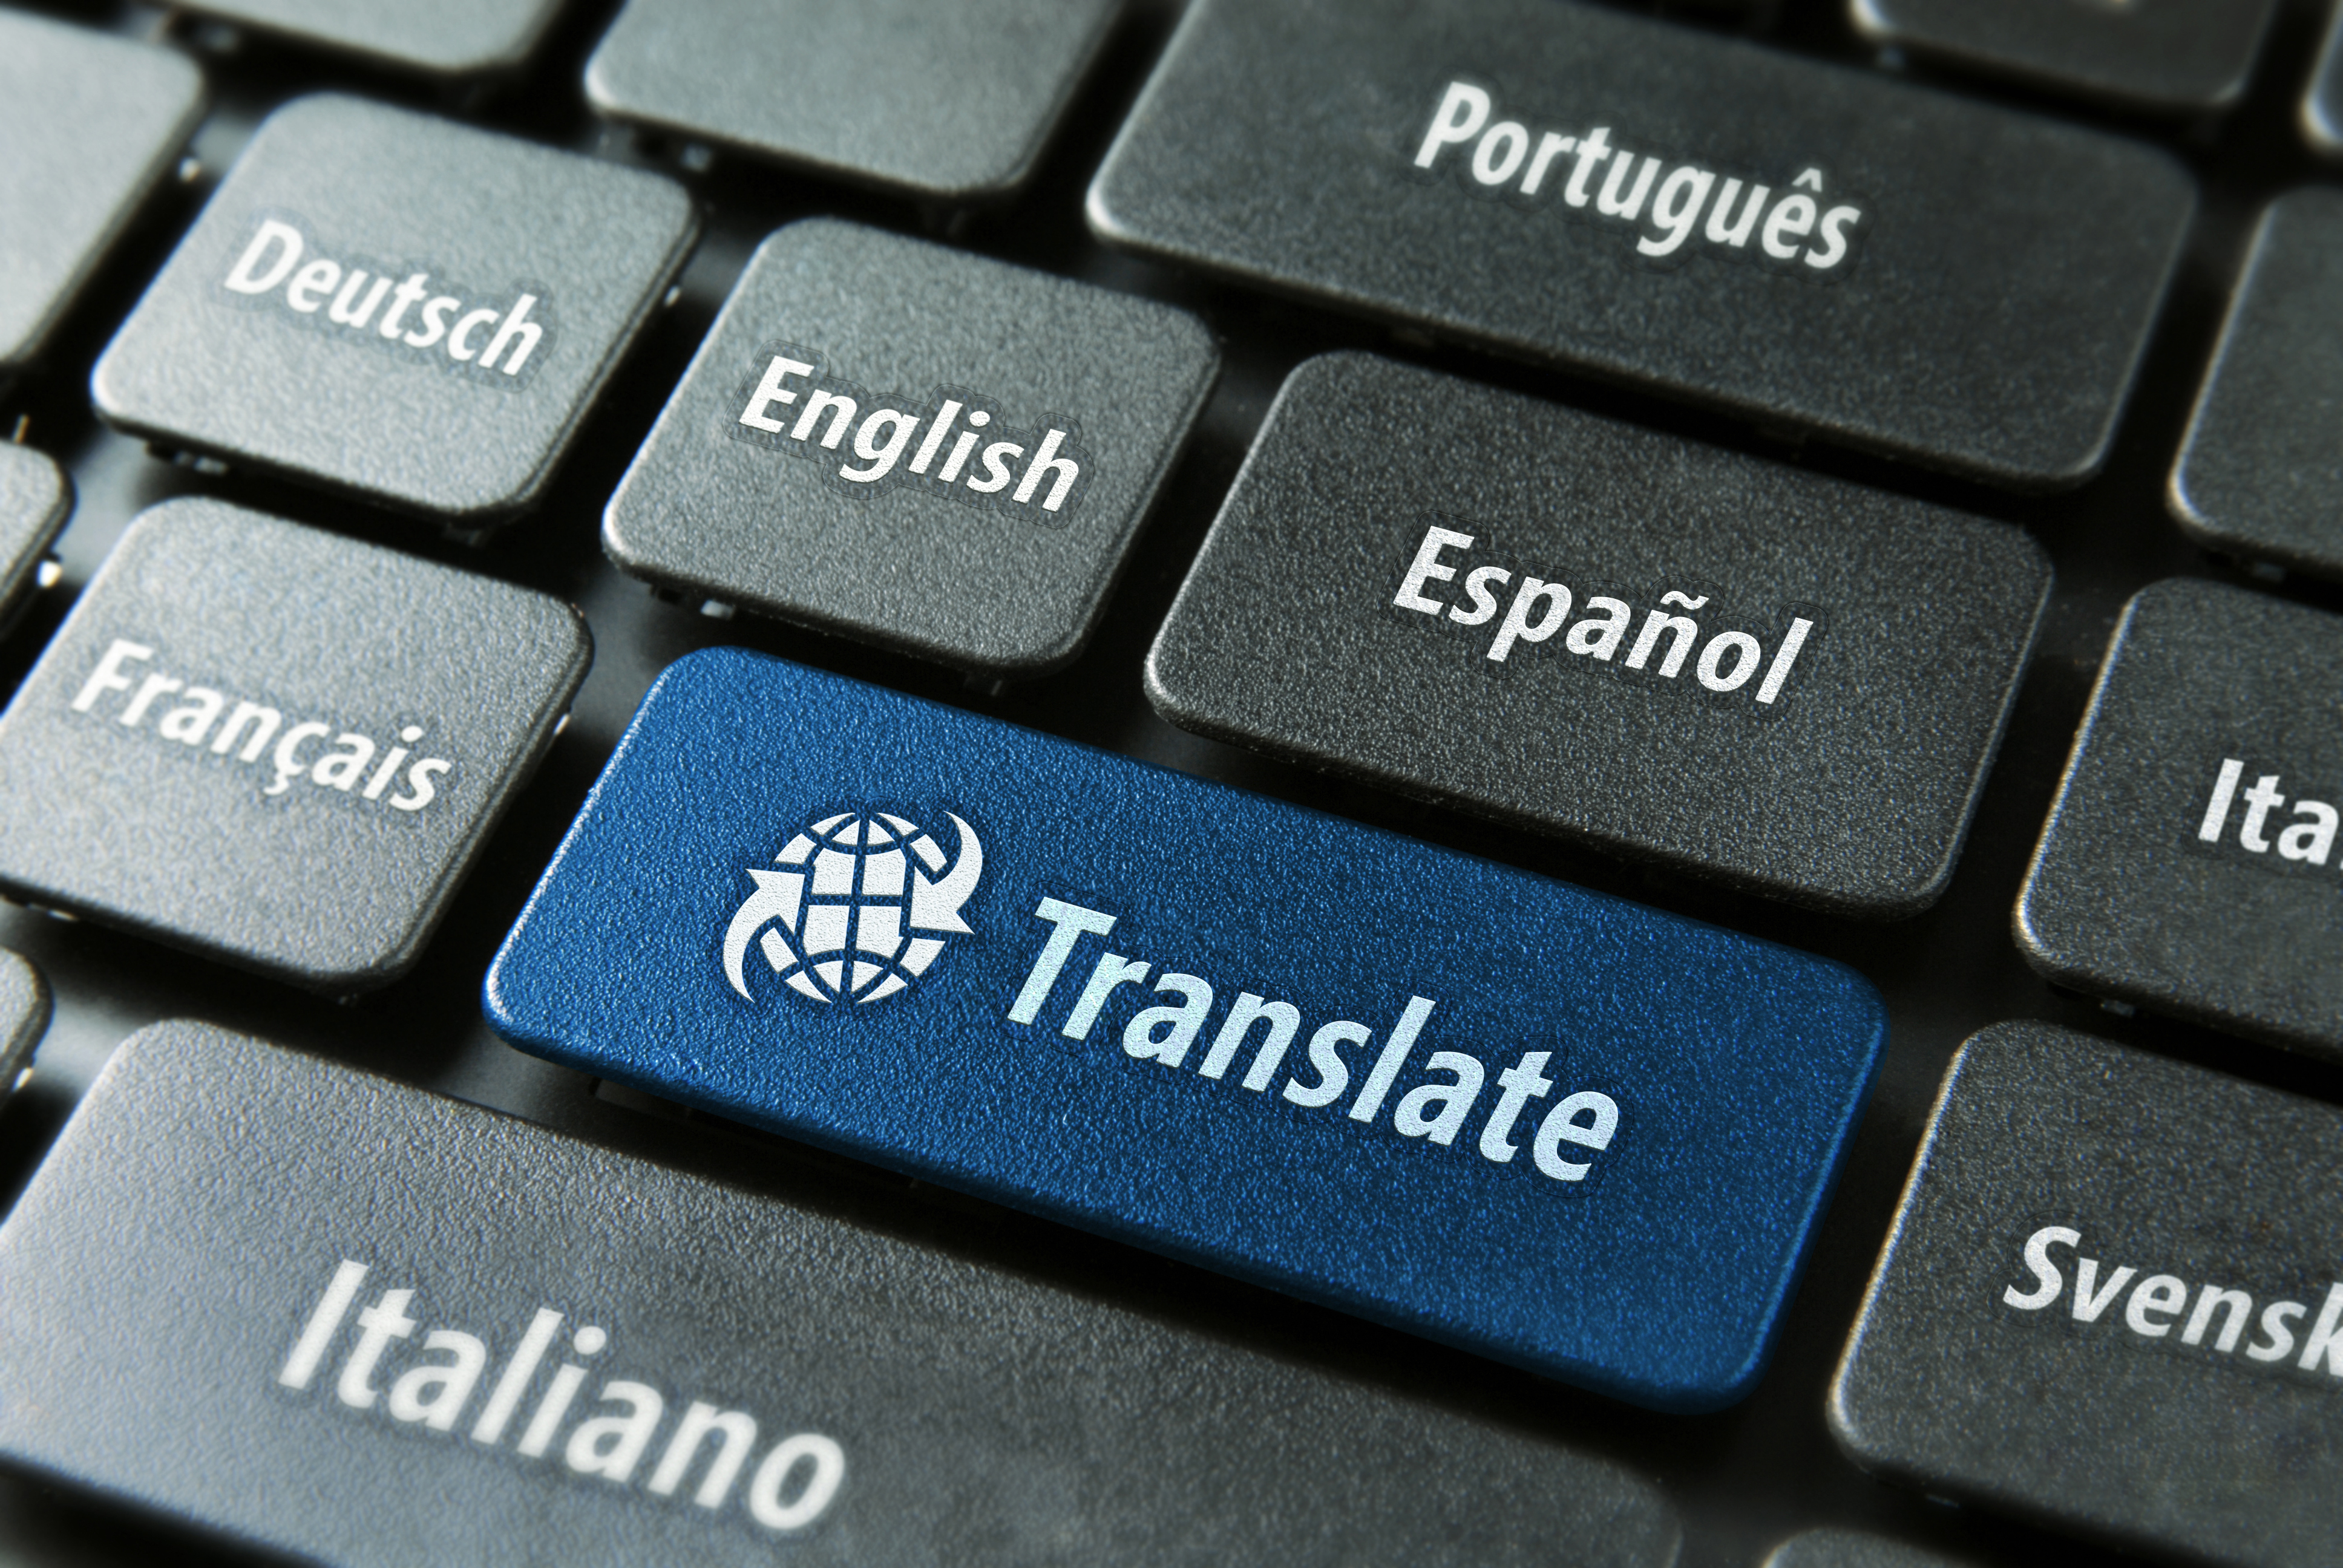 Translate Englsih,  French or Arabic